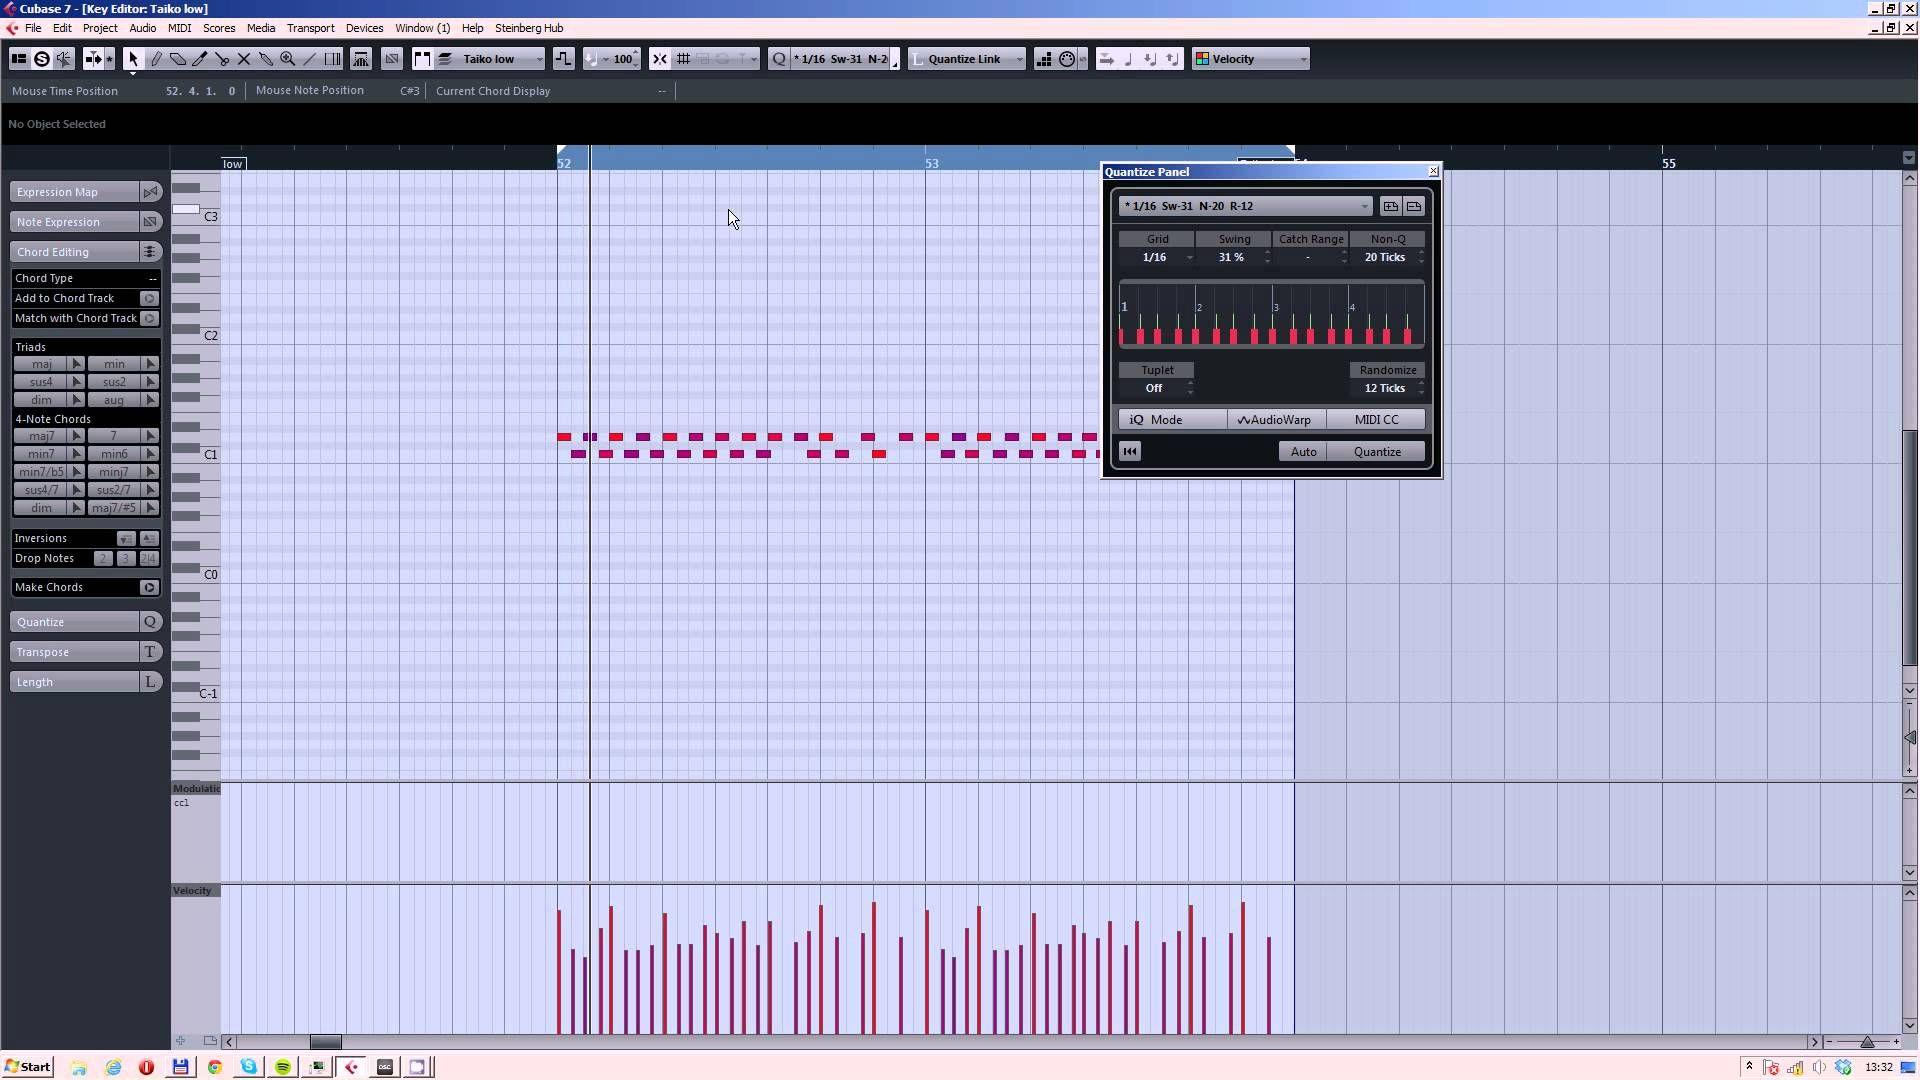 Spitfire Audio Hans Zimmer Percussion - Steam Punk (Ryan Demo